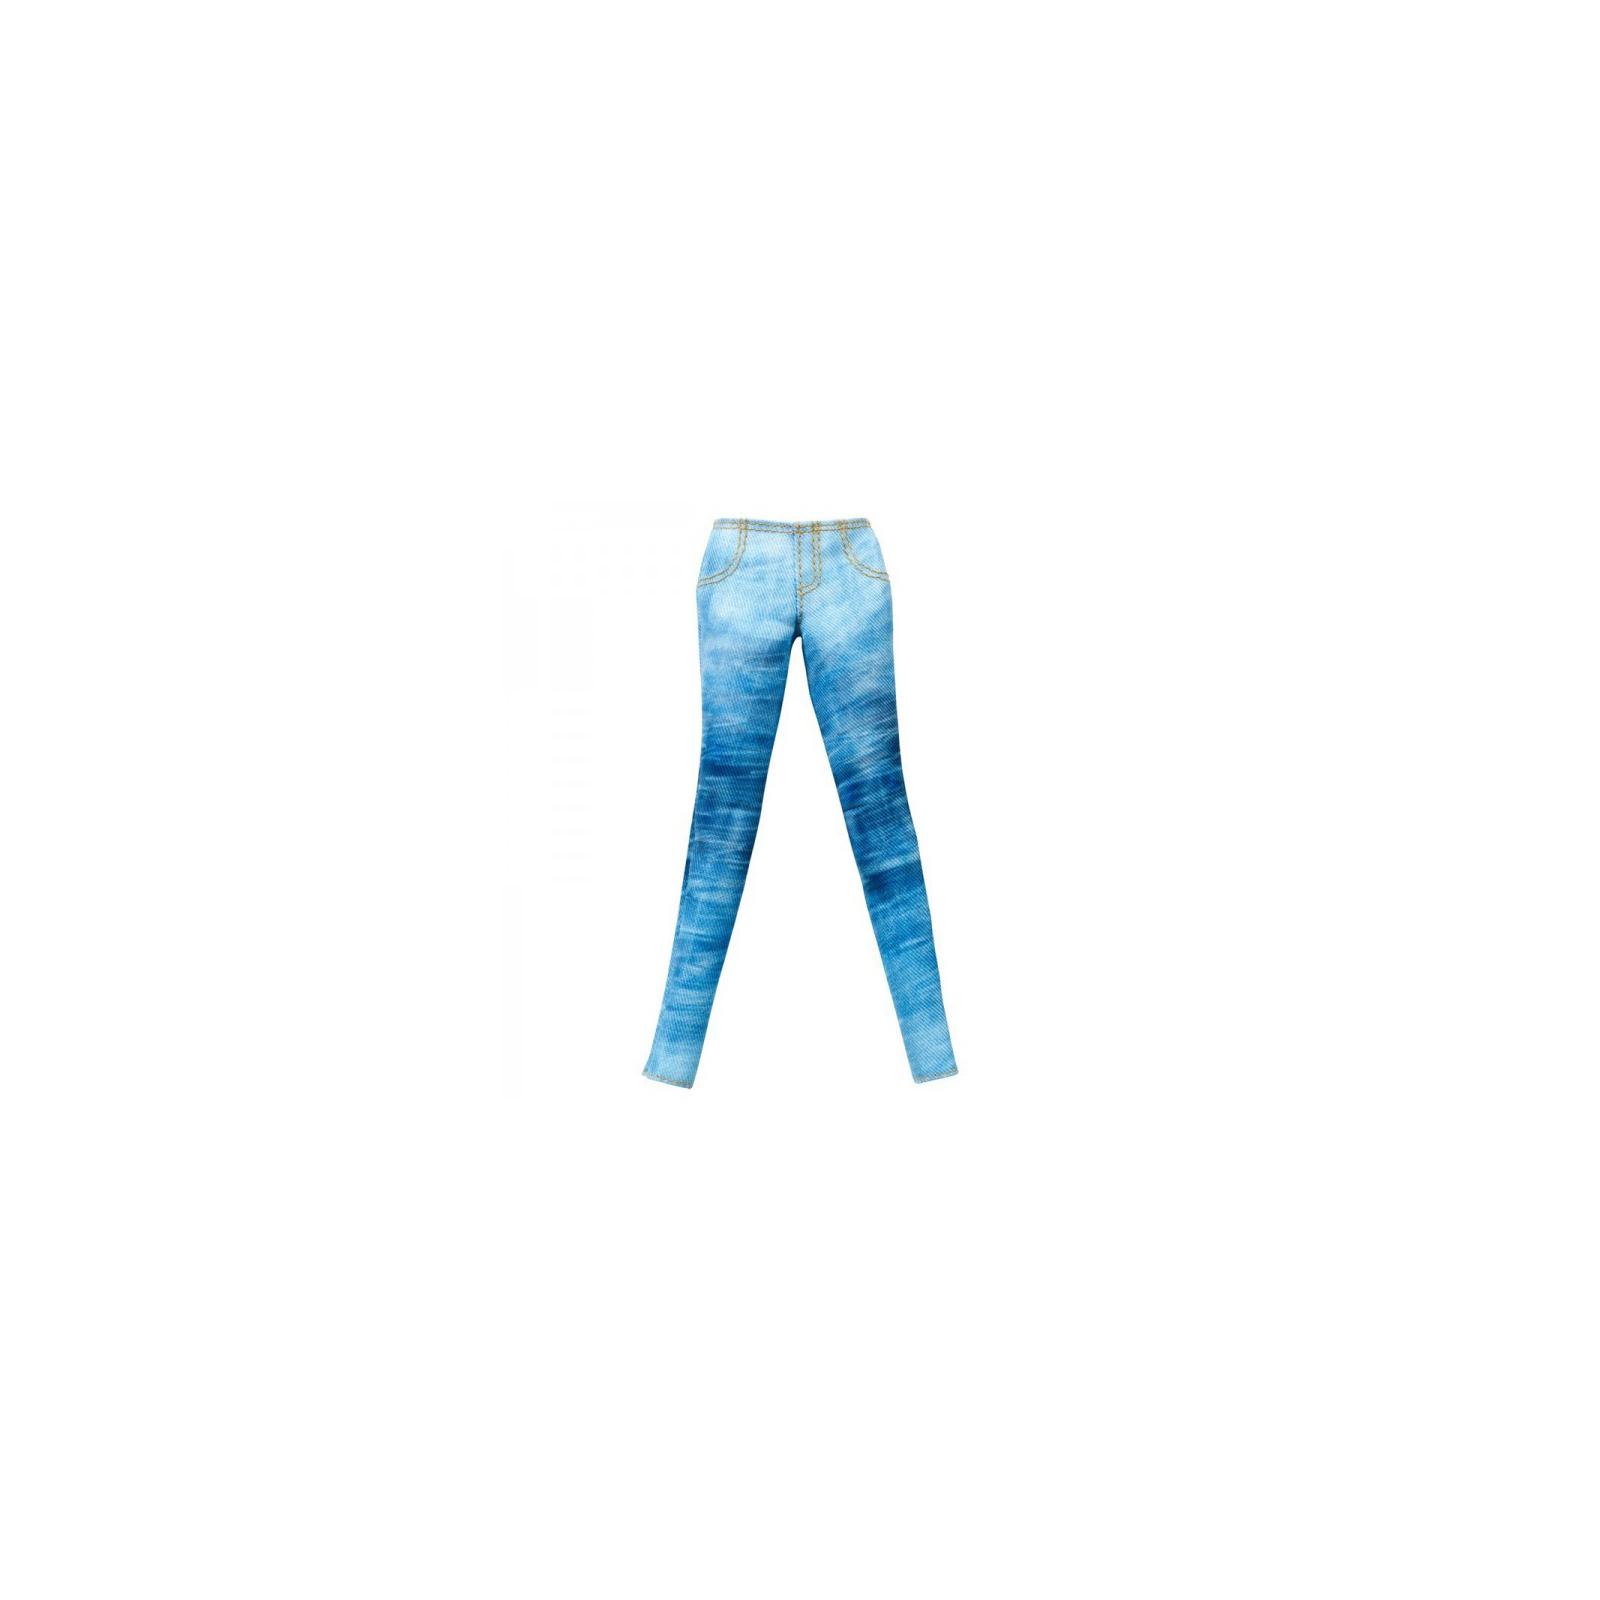 Аксессуар к кукле BARBIE Стильные комбинации Синие джинсы (CFX73-1)